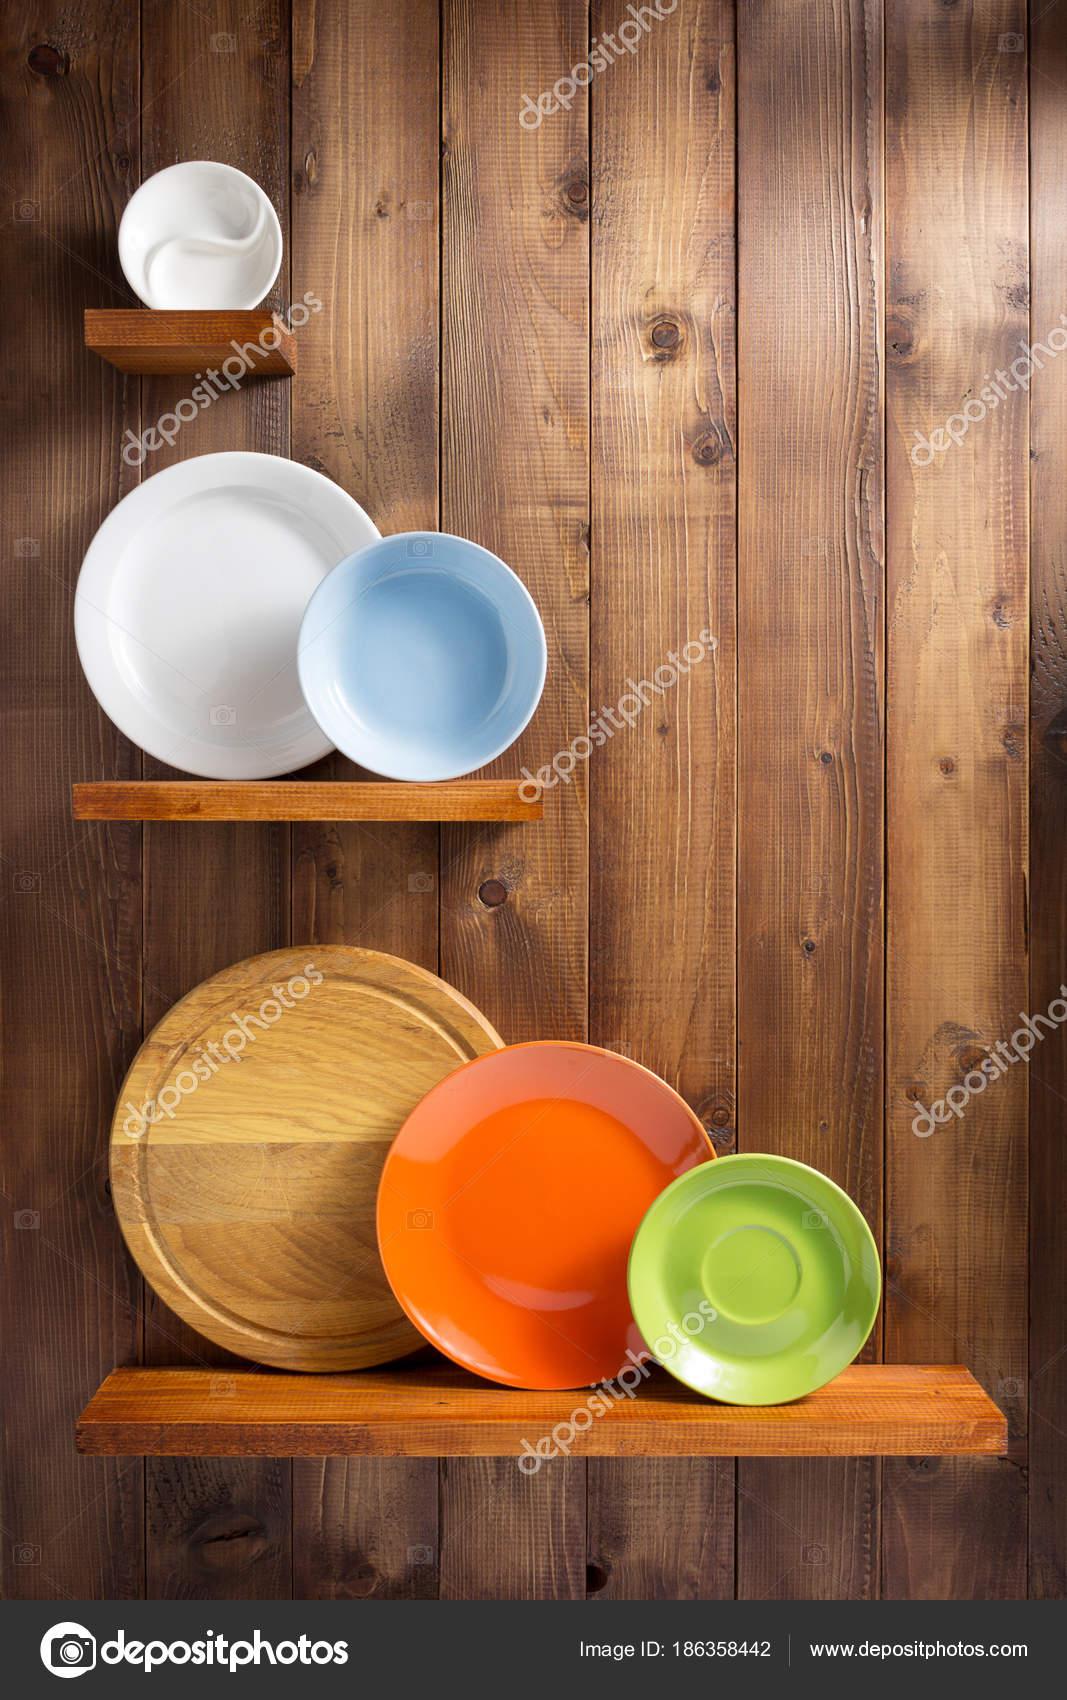 Houten Planken Keuken Muur.Plaat Op De Houten Plank Keuken Bij Muur Stockfoto C Seregam